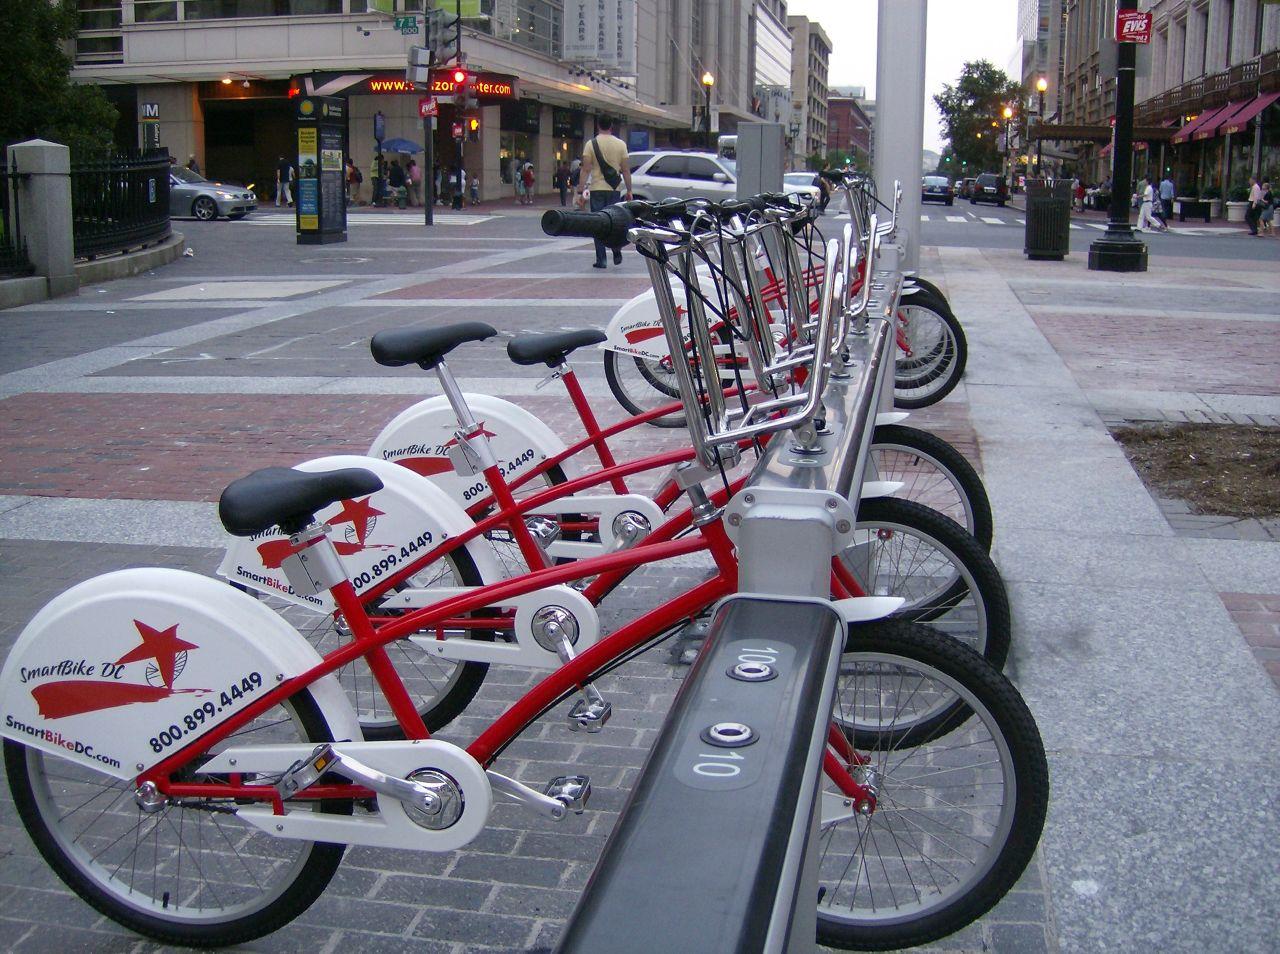 Img bicicleta publica hd